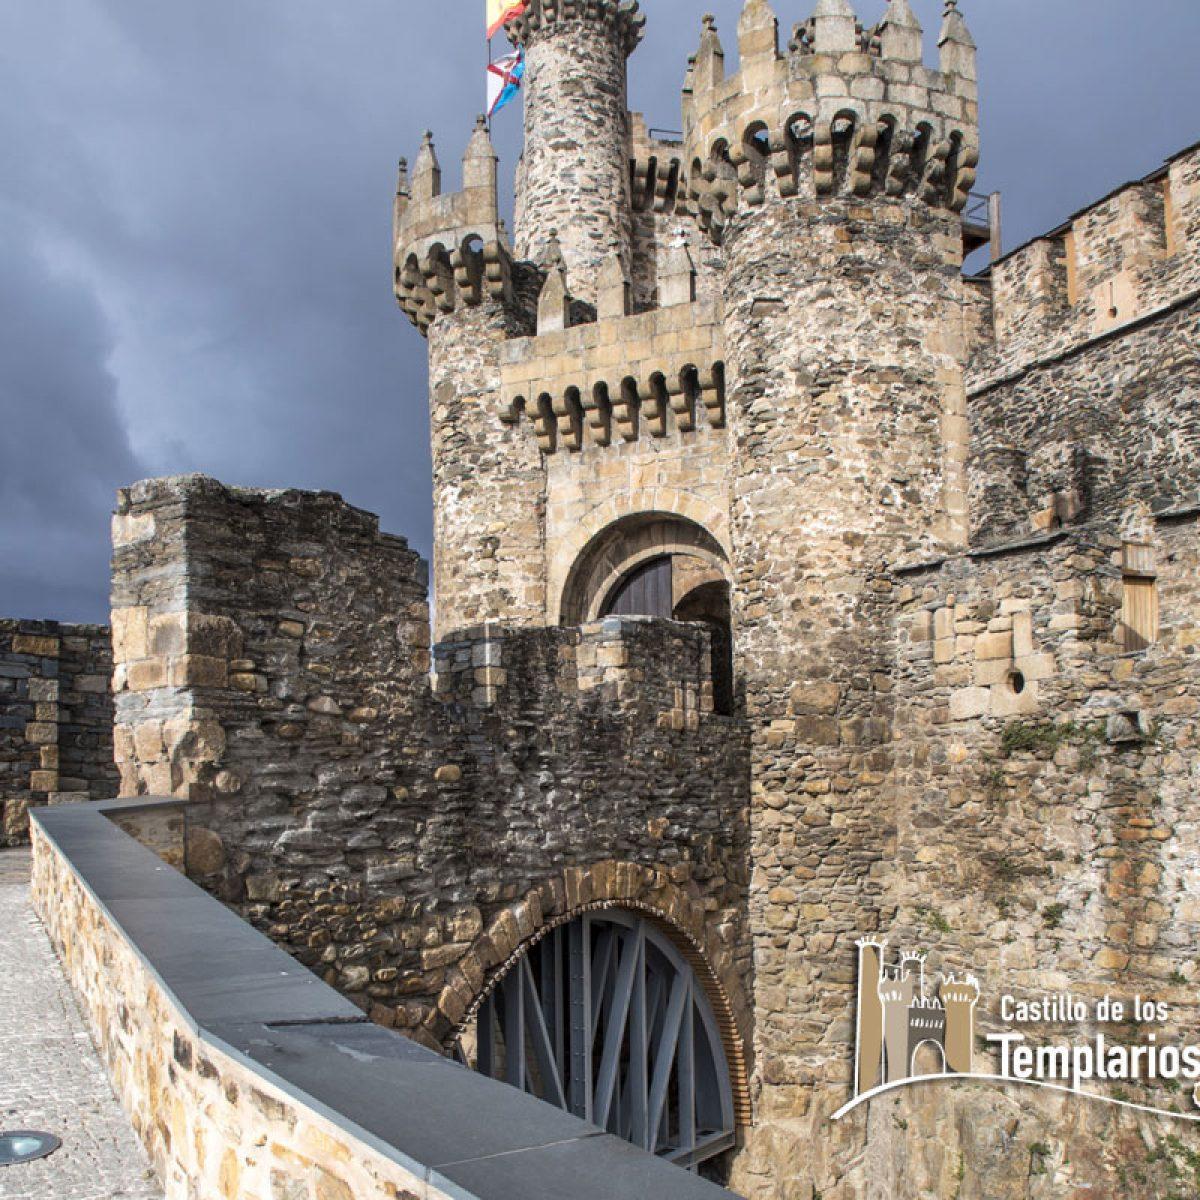 Obras de reparación del puente de acceso al Castillo